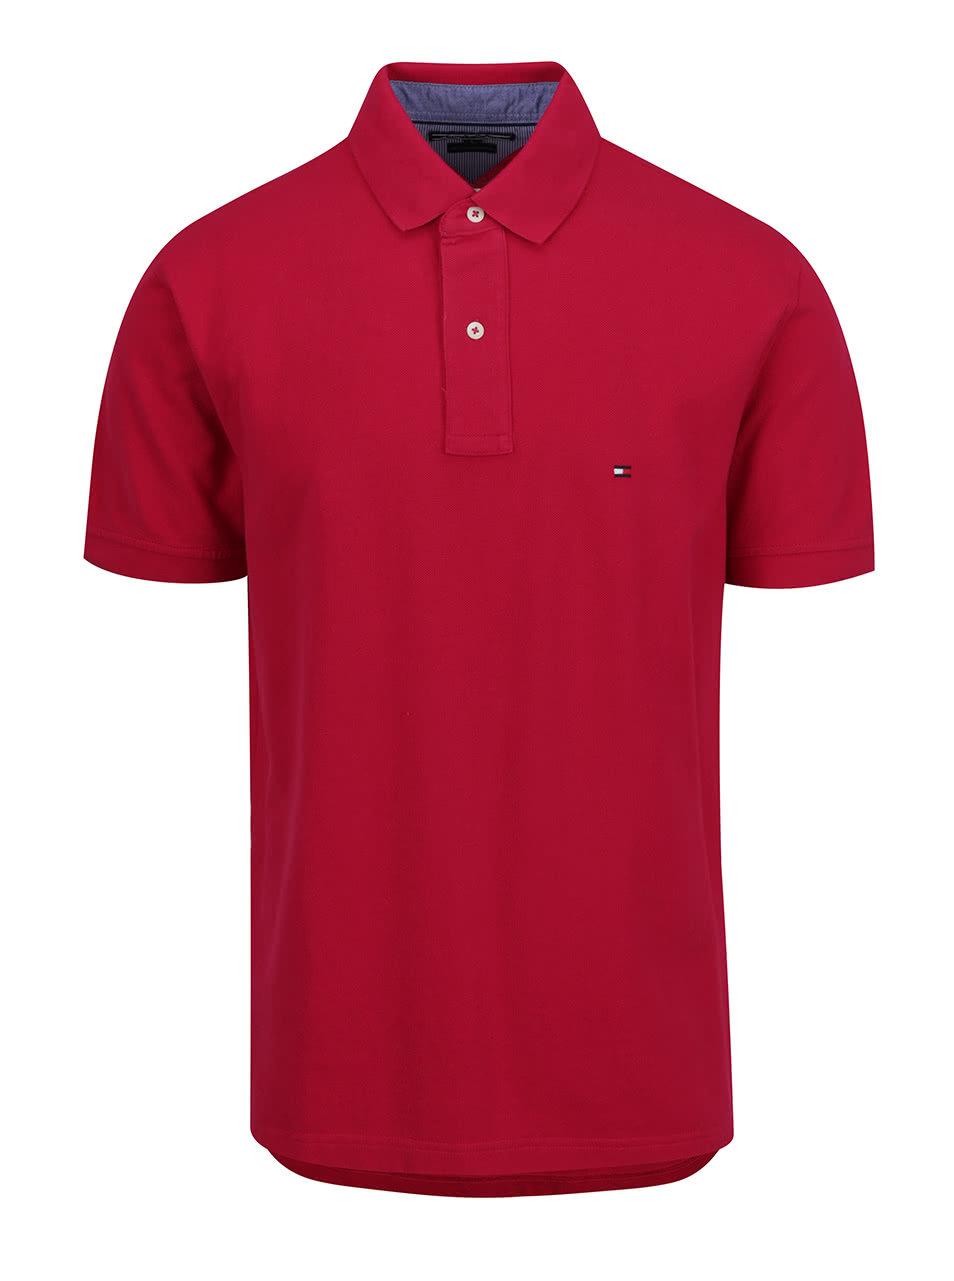 Červená pánska polokošeľa Tommy Hilfiger ... 680f6a5fe4f